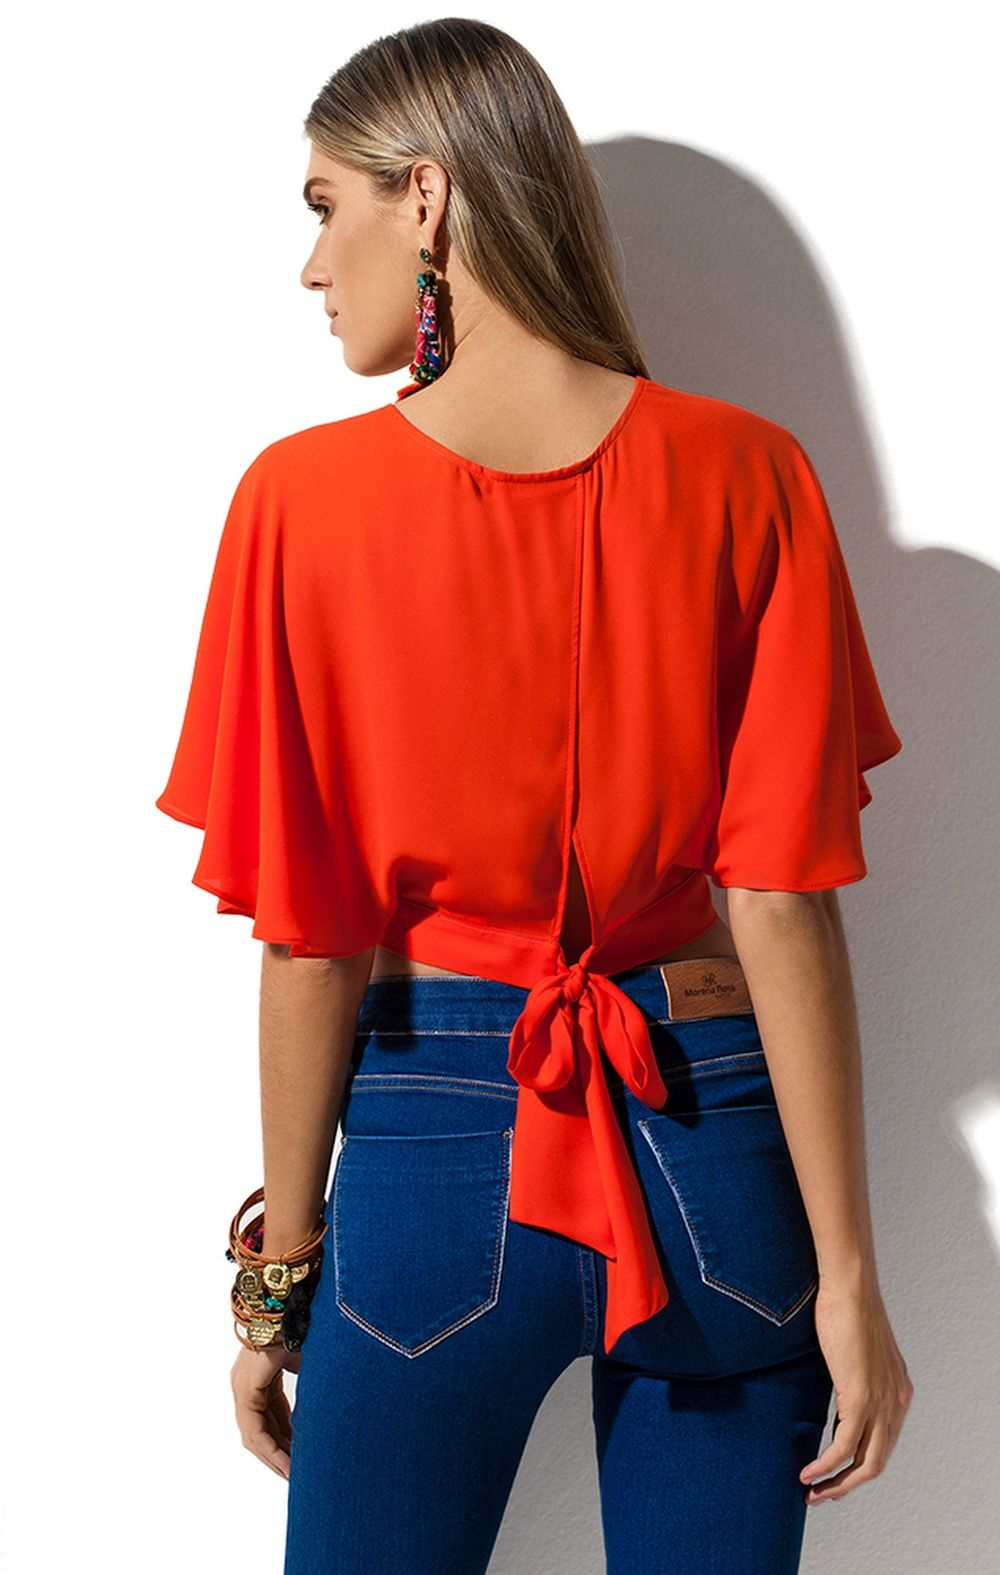 cae7f1b18 Blusa Transpasse Amarração Morena Rosa Blusas Vermelhas